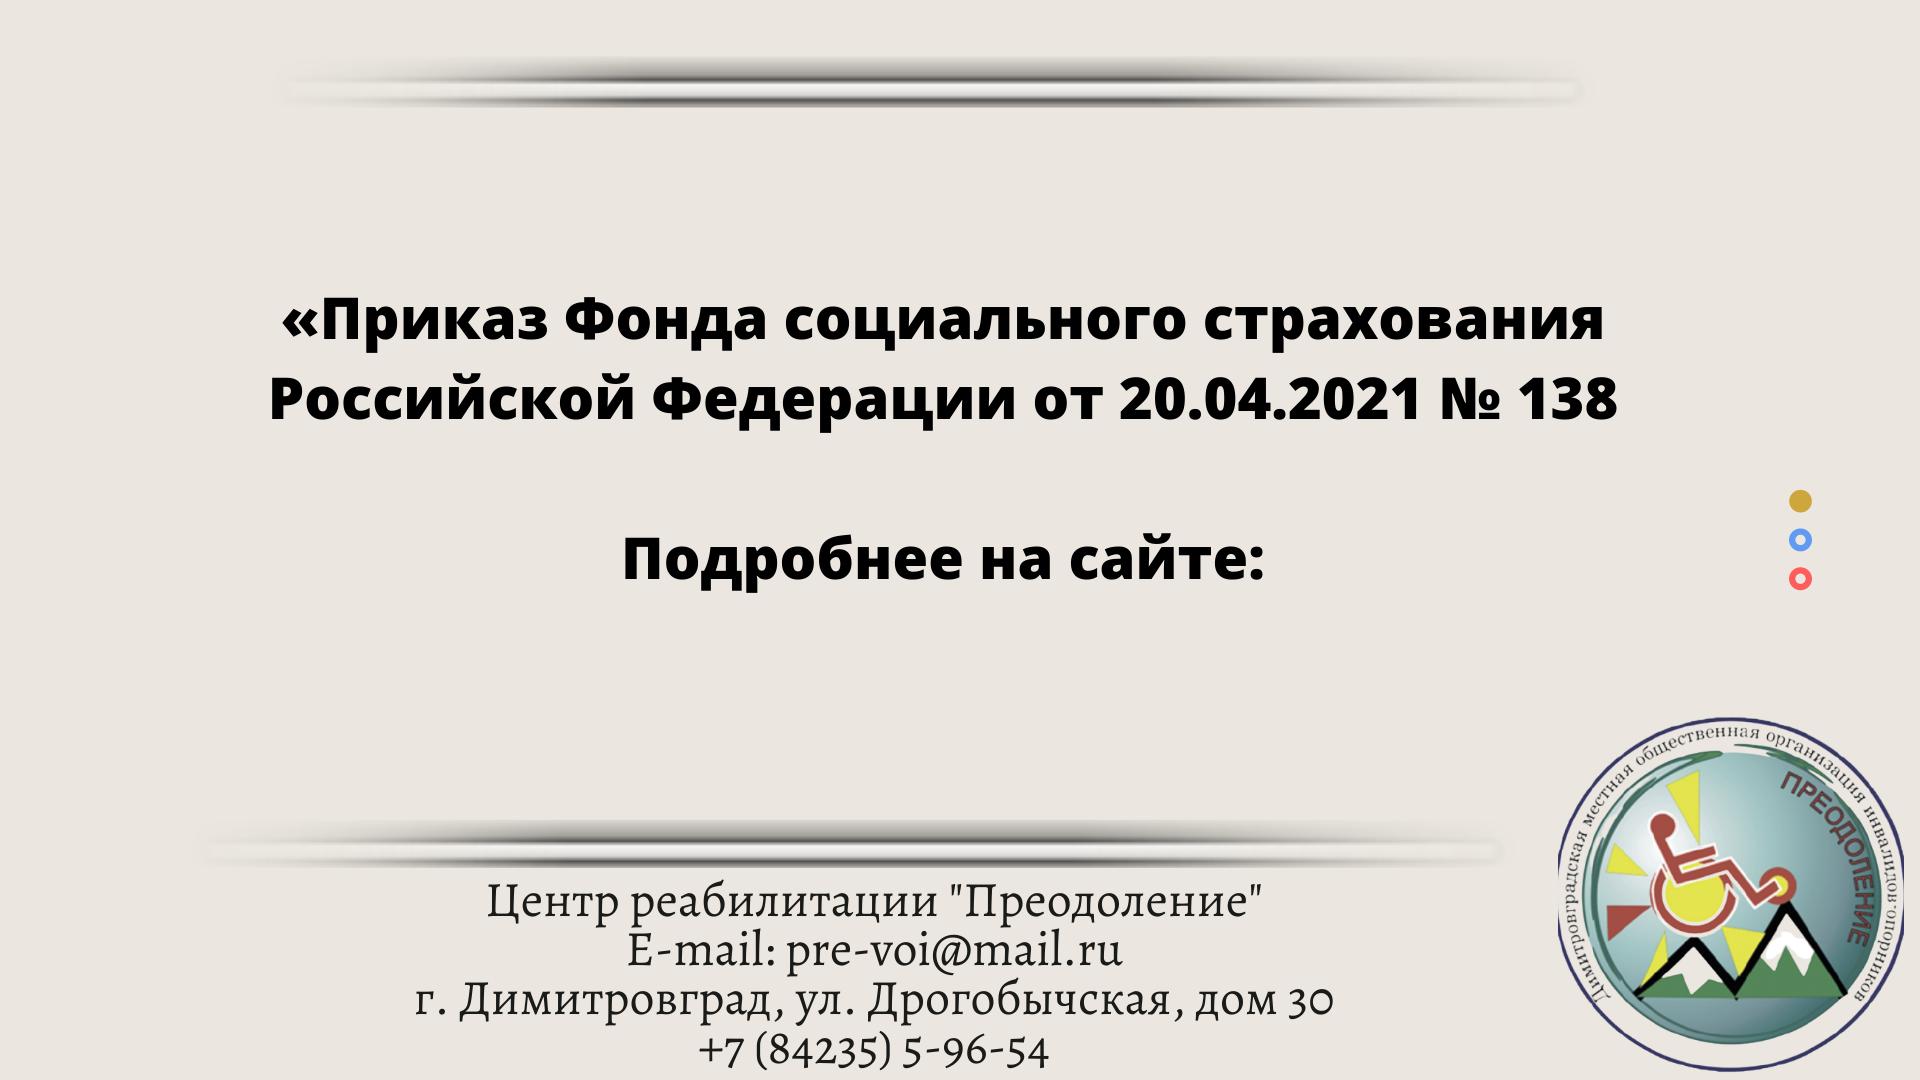 «Приказ Фонда социального страхования Российской Федерации от 20.04.2021 № 138